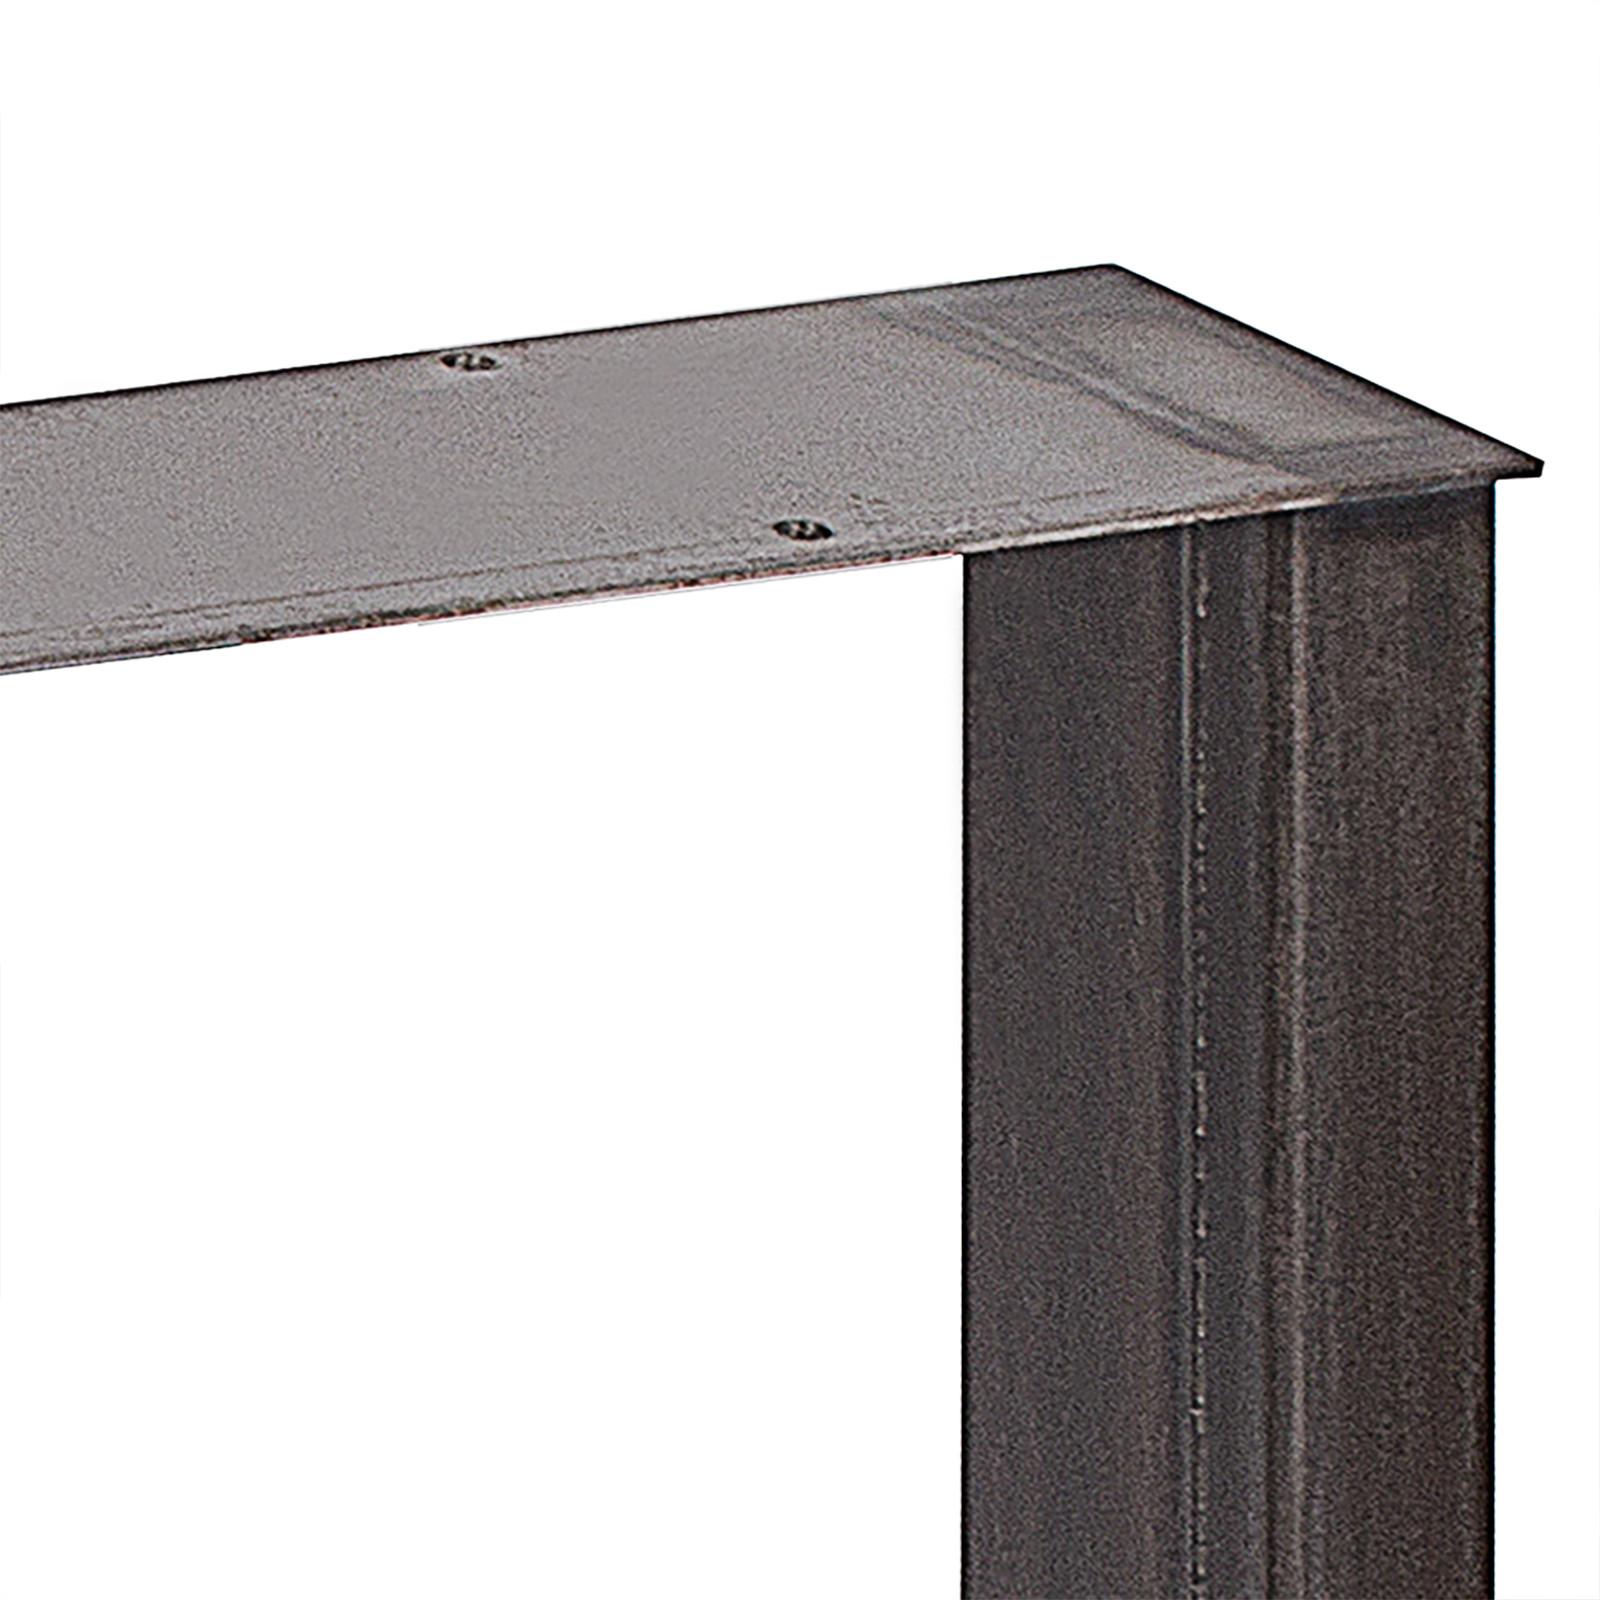 2x-Gambe-per-tavolo-piedi-tavolo-72X-100-CM-Salotto-Cucina-stile-industriale miniatura 7